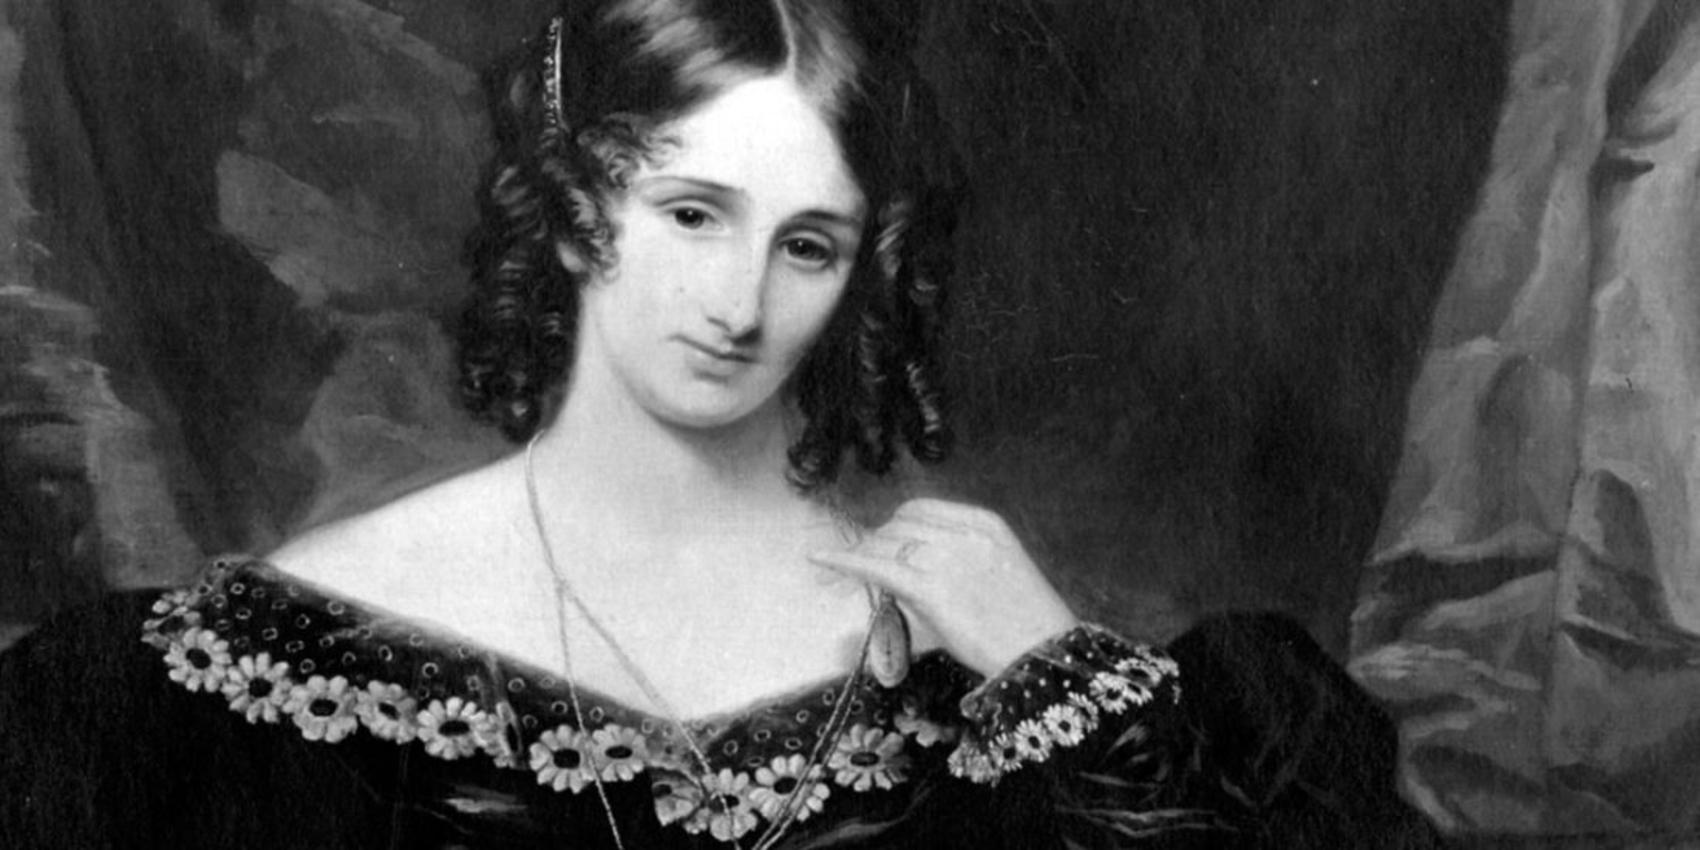 Mary Shelley frankestein prometeo